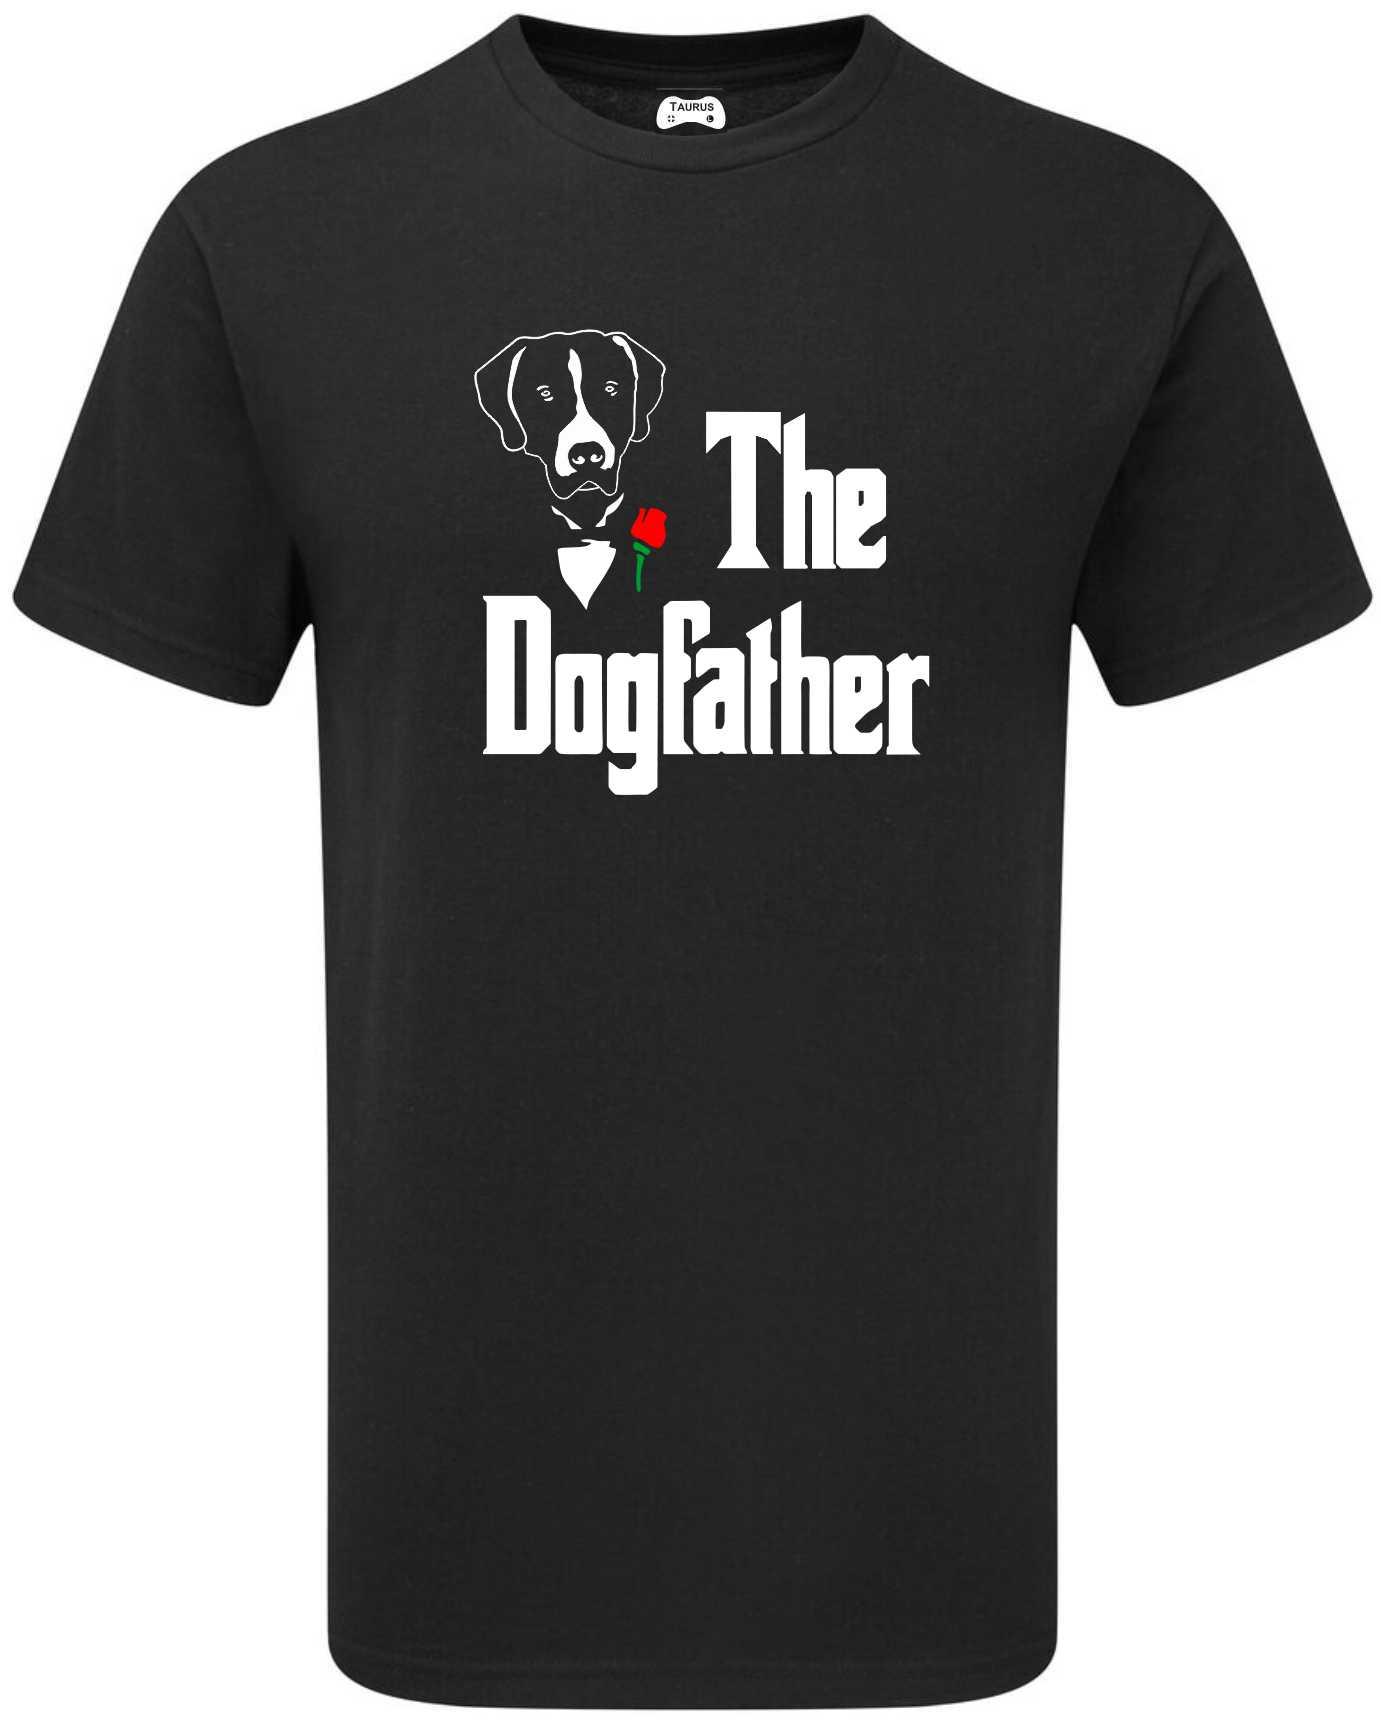 ANATOLIAN SHEPHERD THE DOGFATHER T-SHIRT